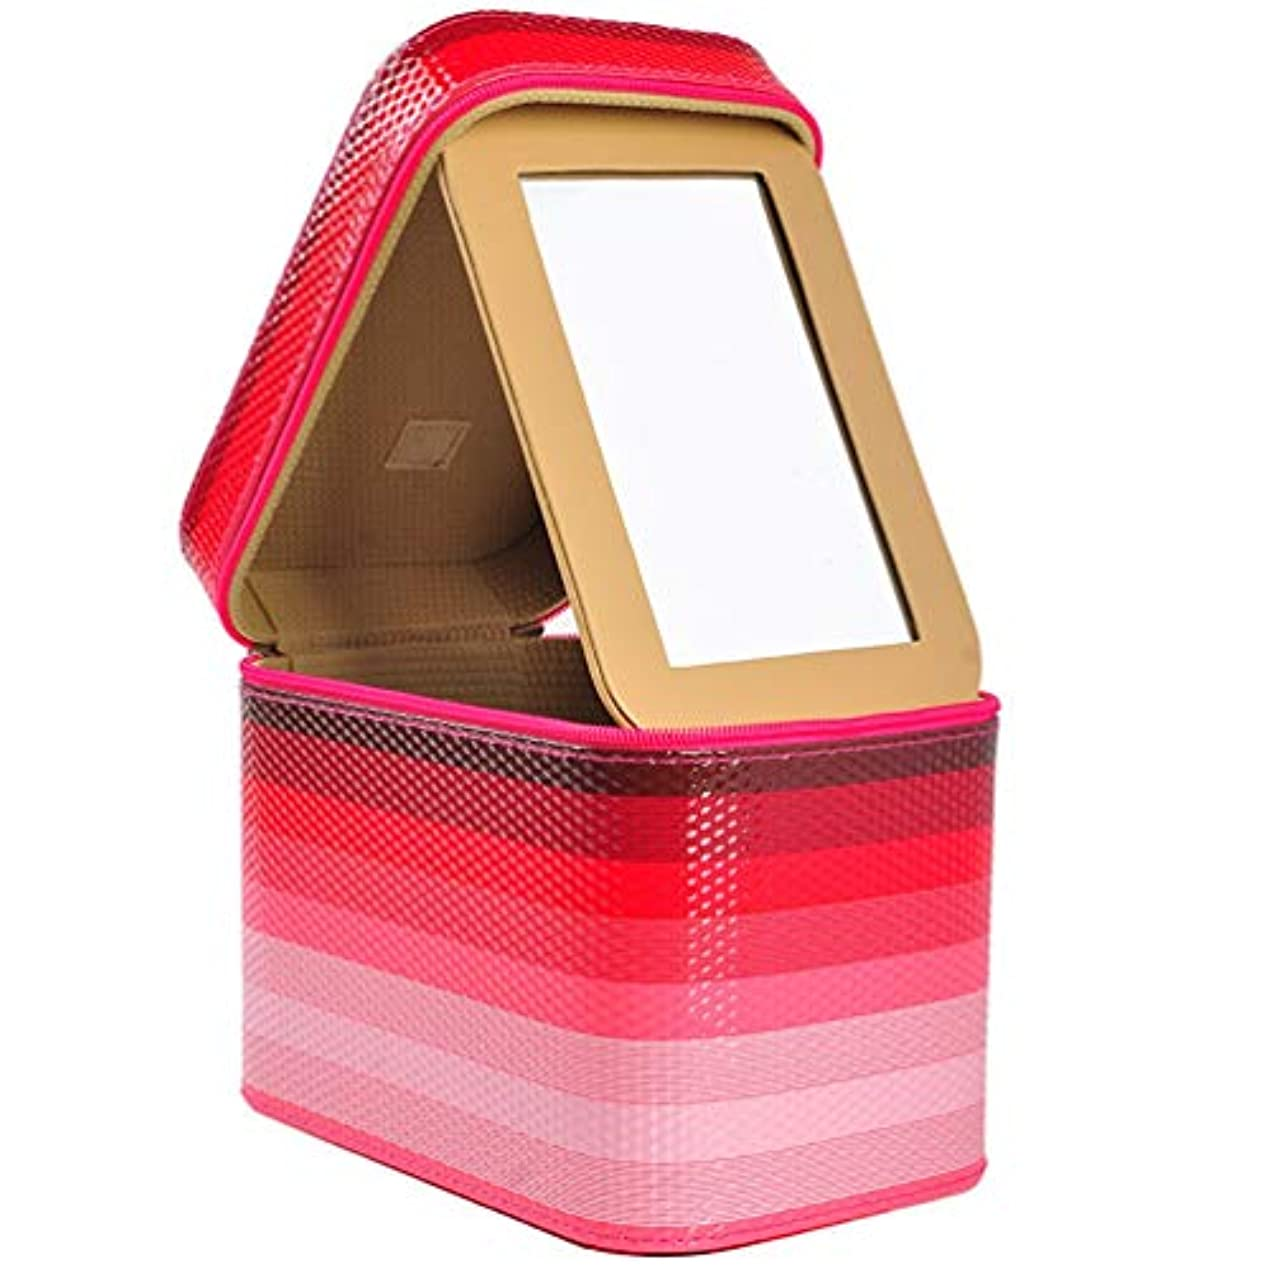 ピアトロピカル掘る[カタク]メイクボックス コスメボックス 大容量 鏡付き 化粧ボックス おしゃれ 取っ手付 携帯便利 化粧道具 メイクブラシ 小物 出張 旅行 機能的 PUレザー プロ仕様 きらきら 化粧ポーチ コスメBOX